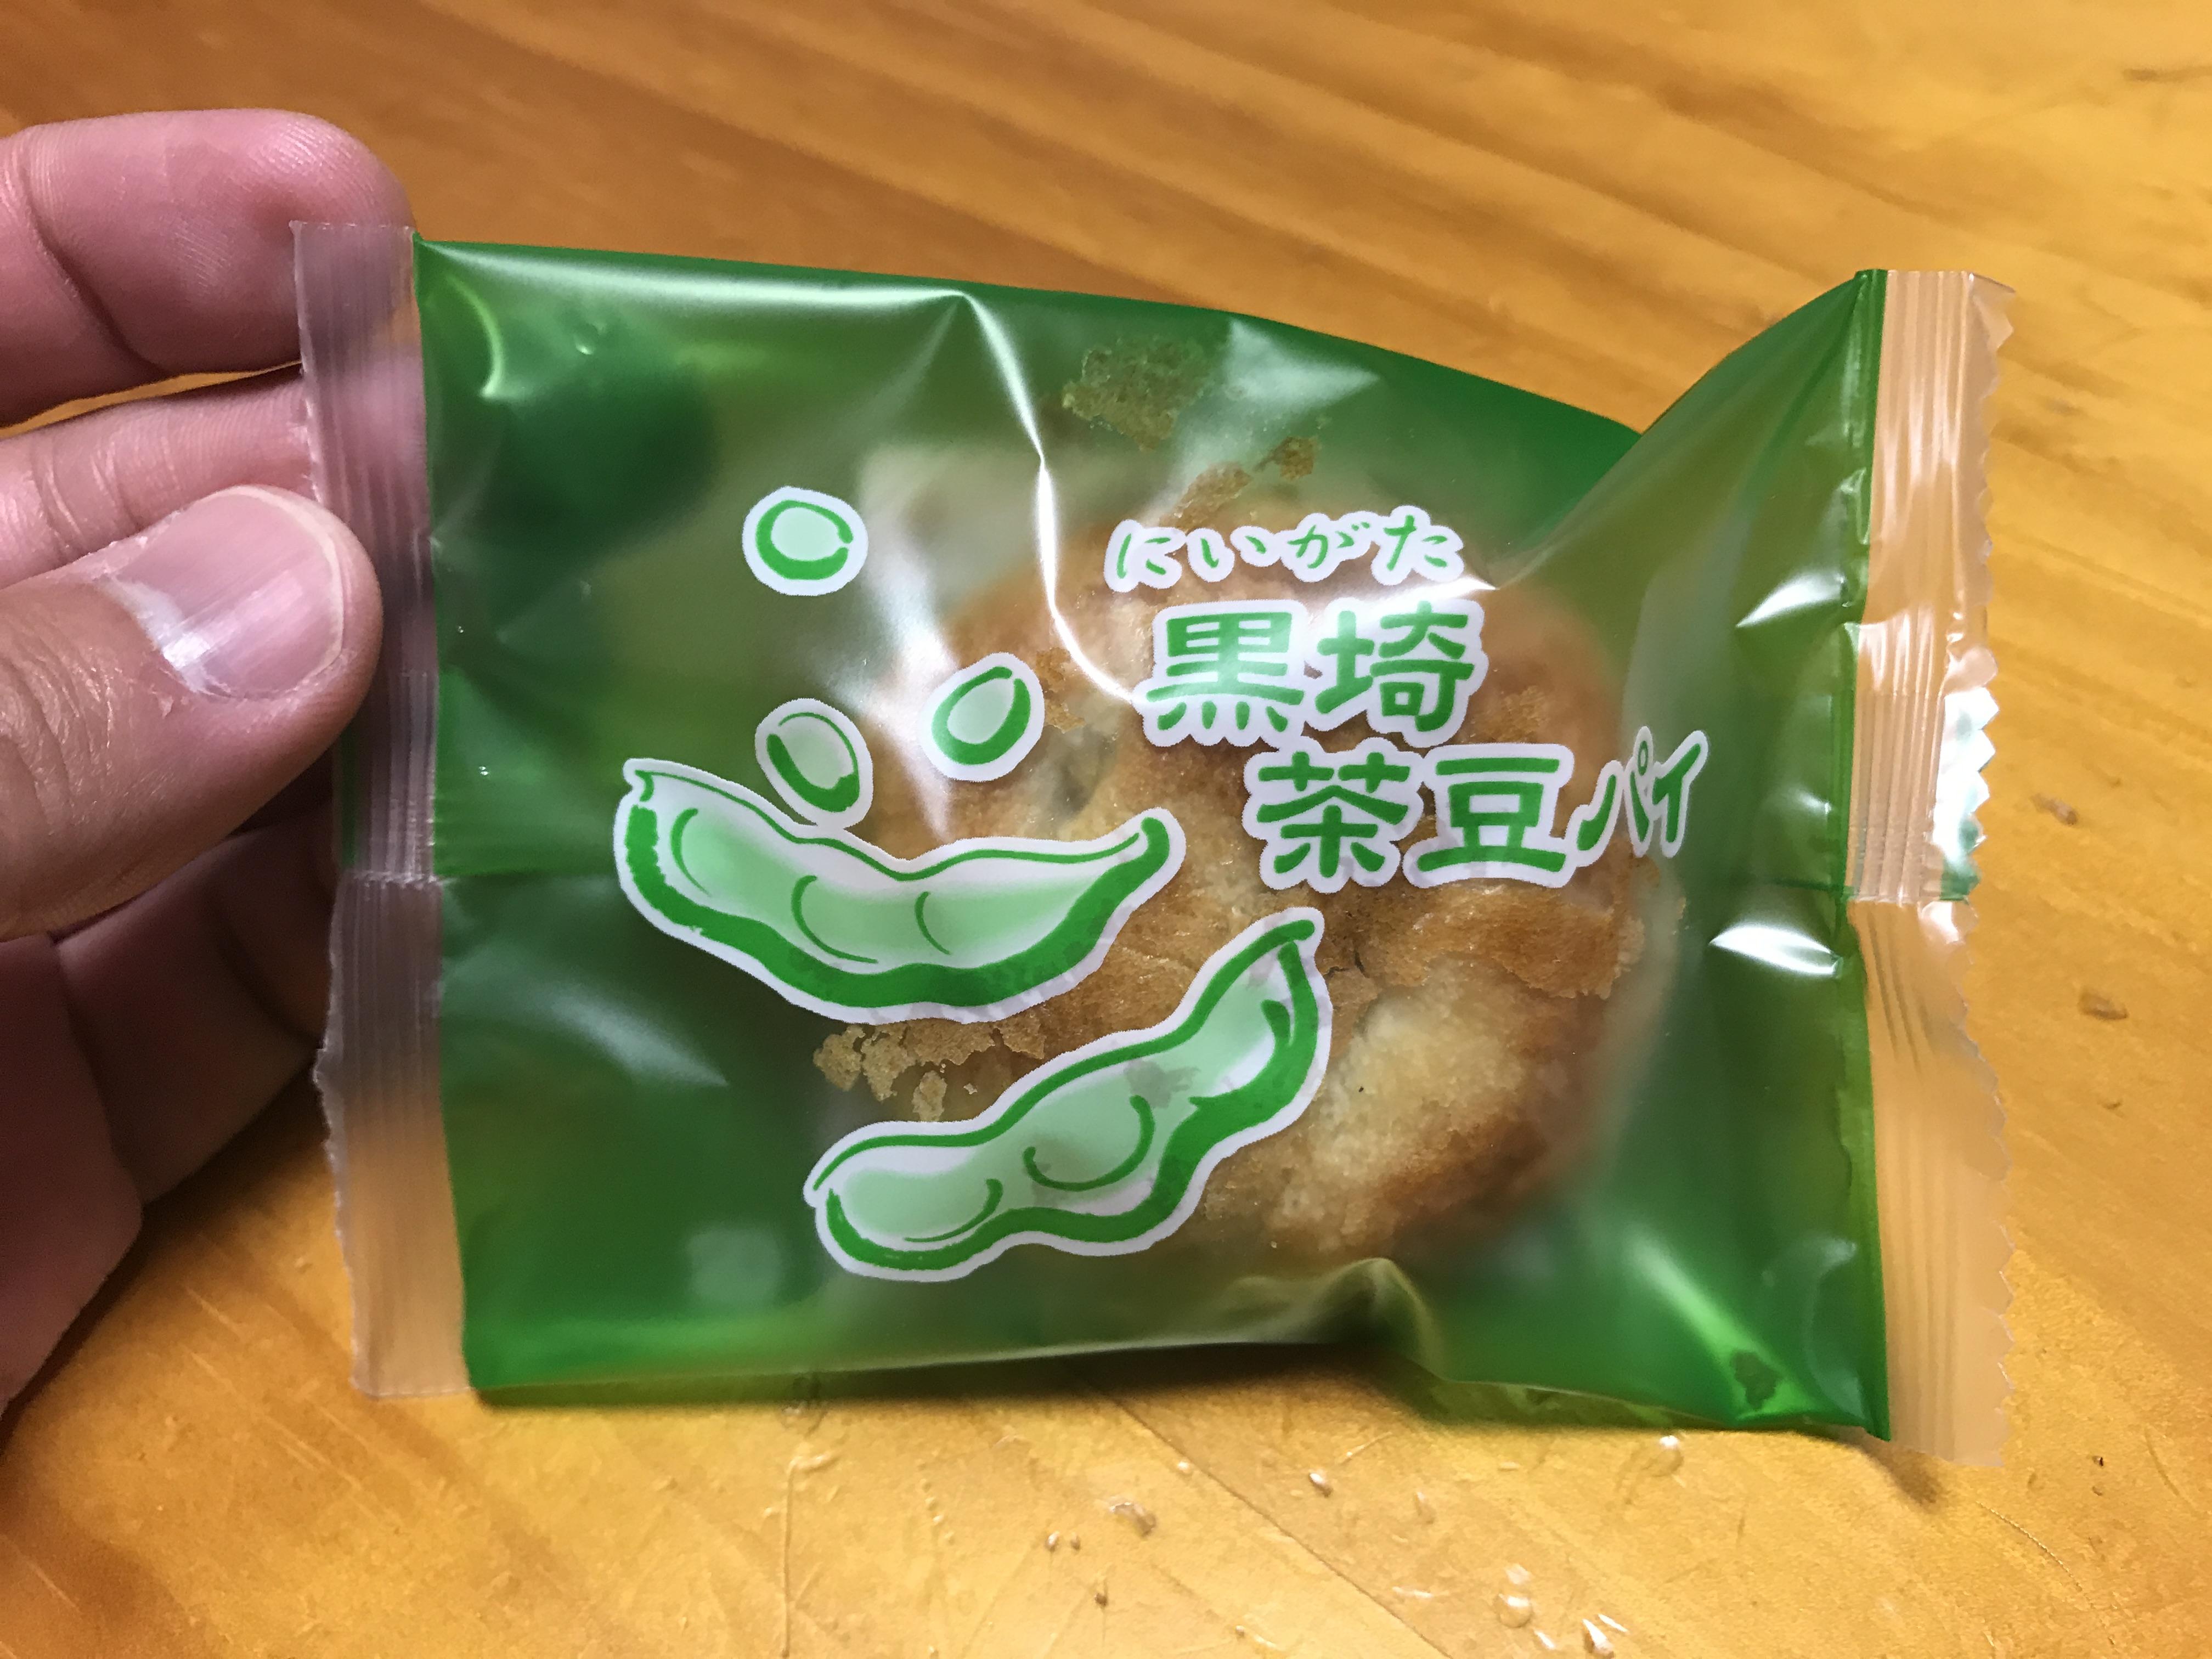 にいがた黒崎枝豆パイ(新潟県菓子工業組合) 新潟の枝豆はお菓子にしても美味い!